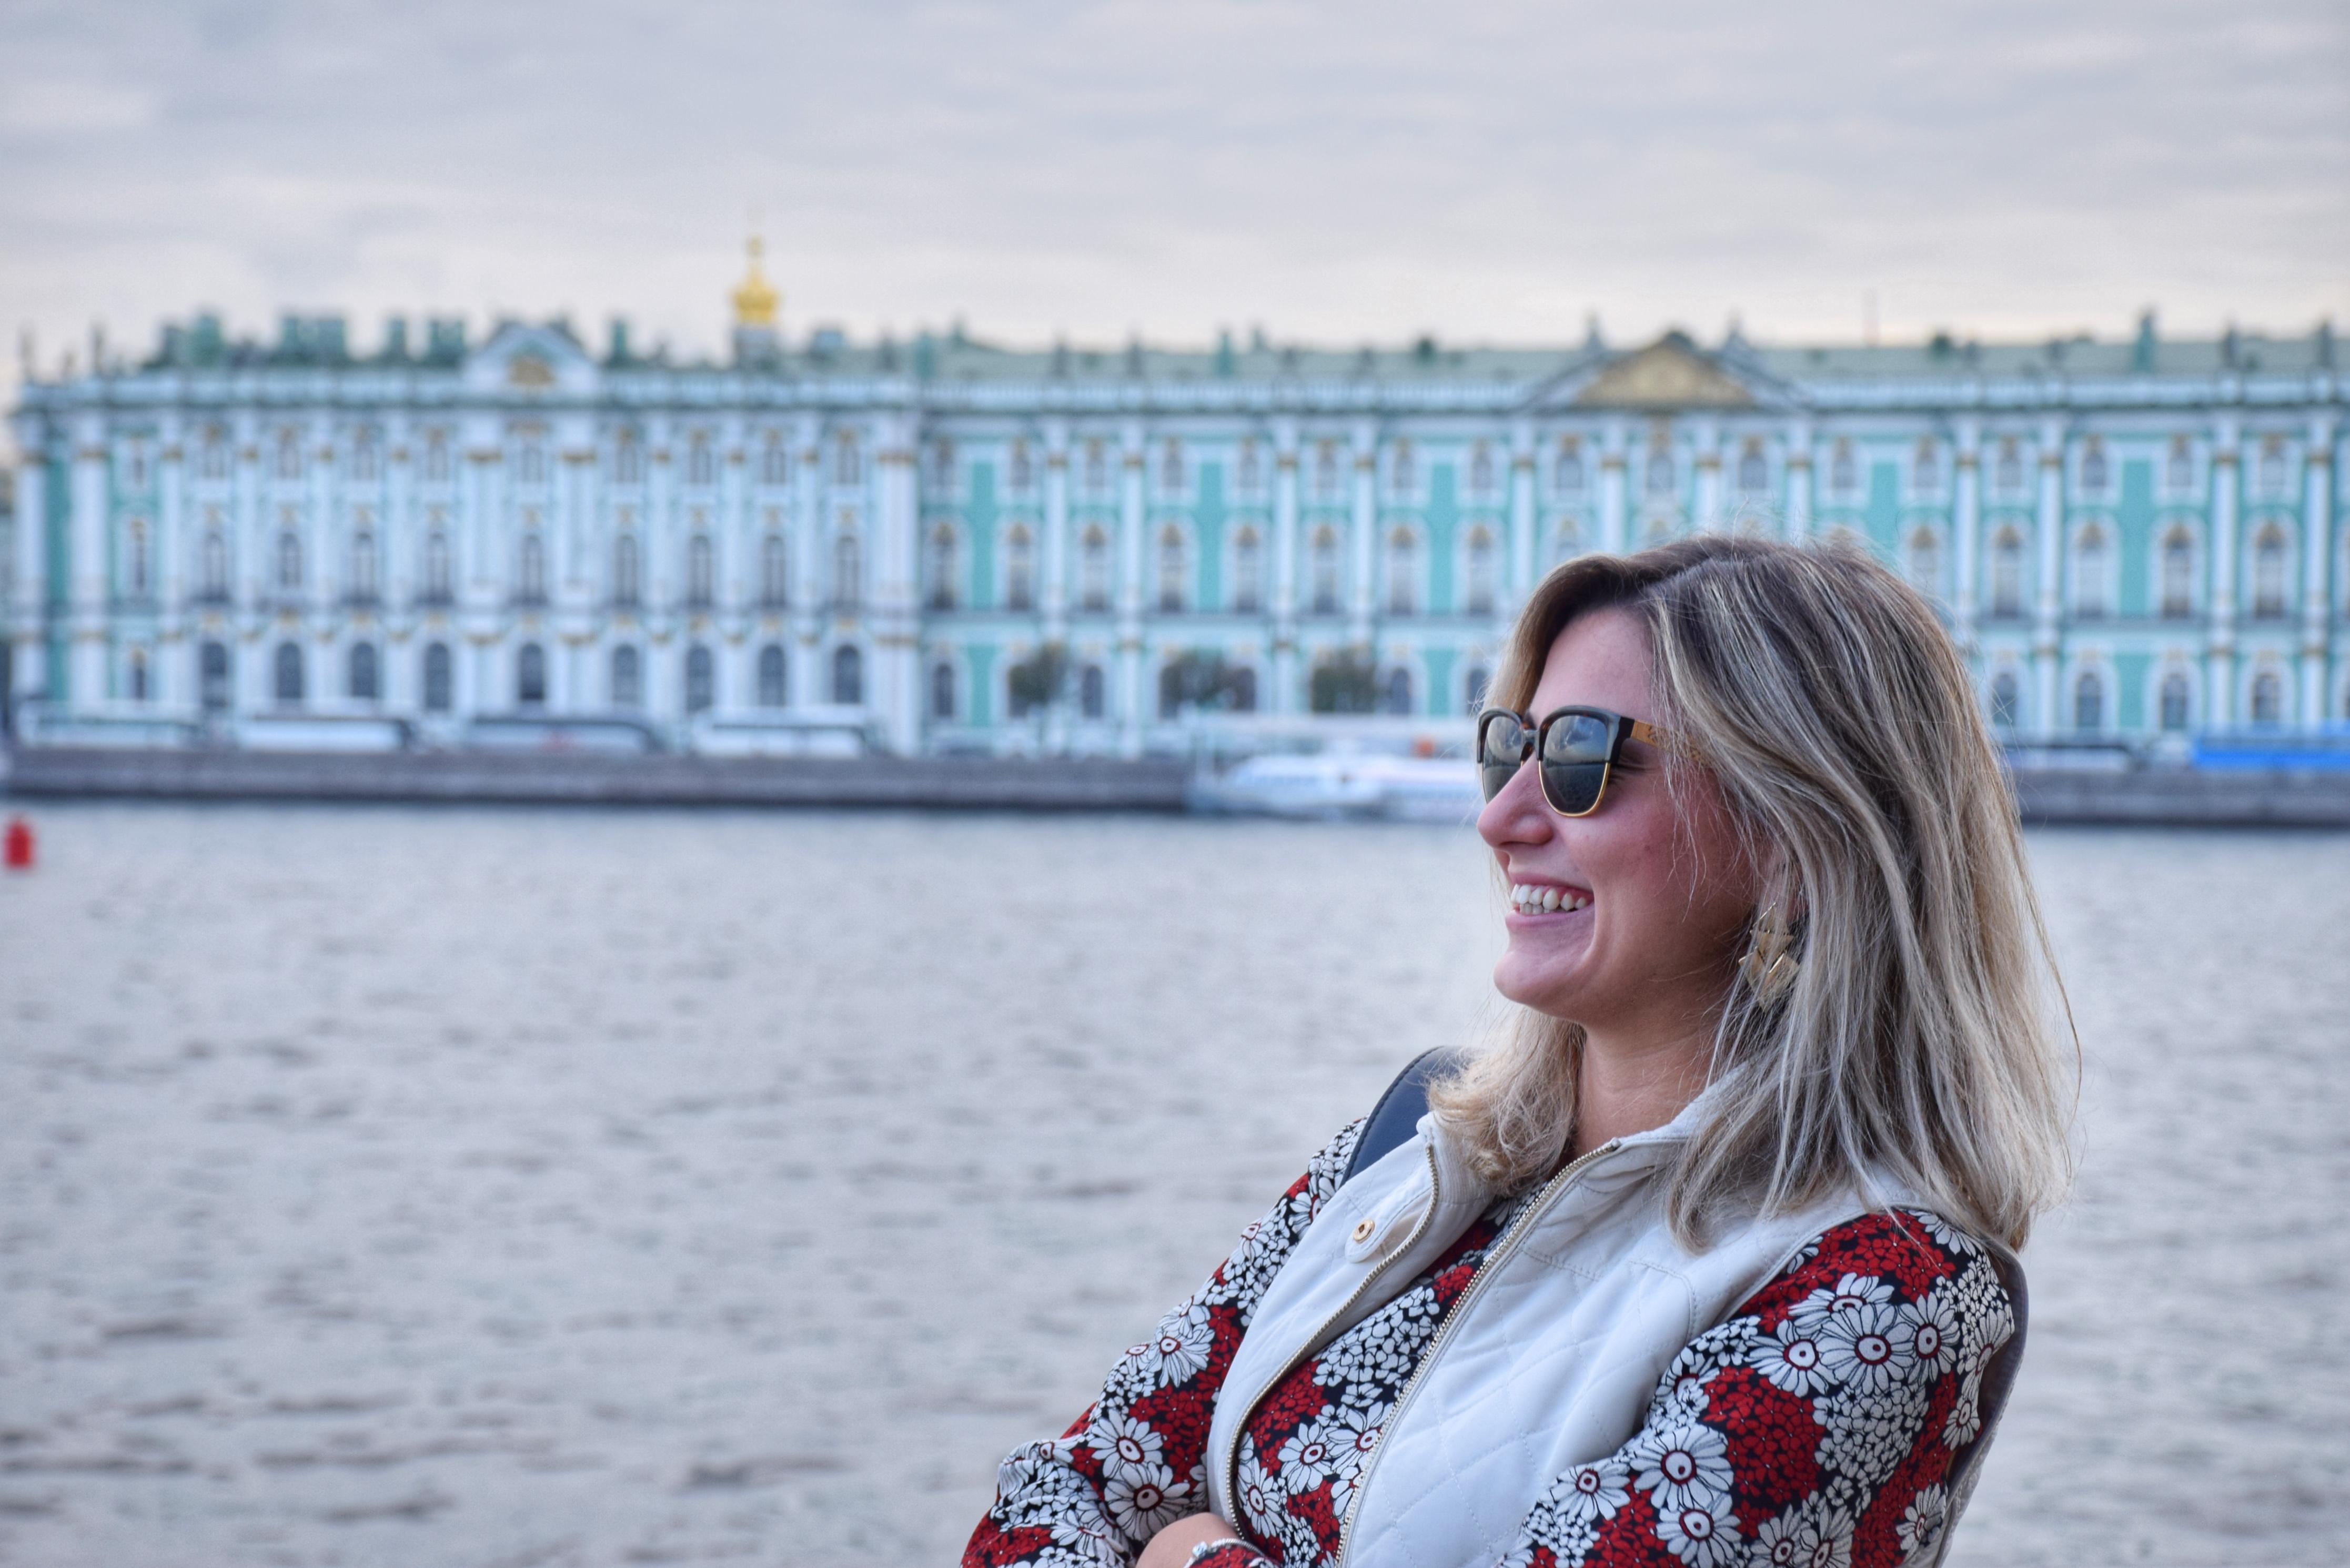 palacio de inverno - dicas de viagem russia sao petersburgo 01